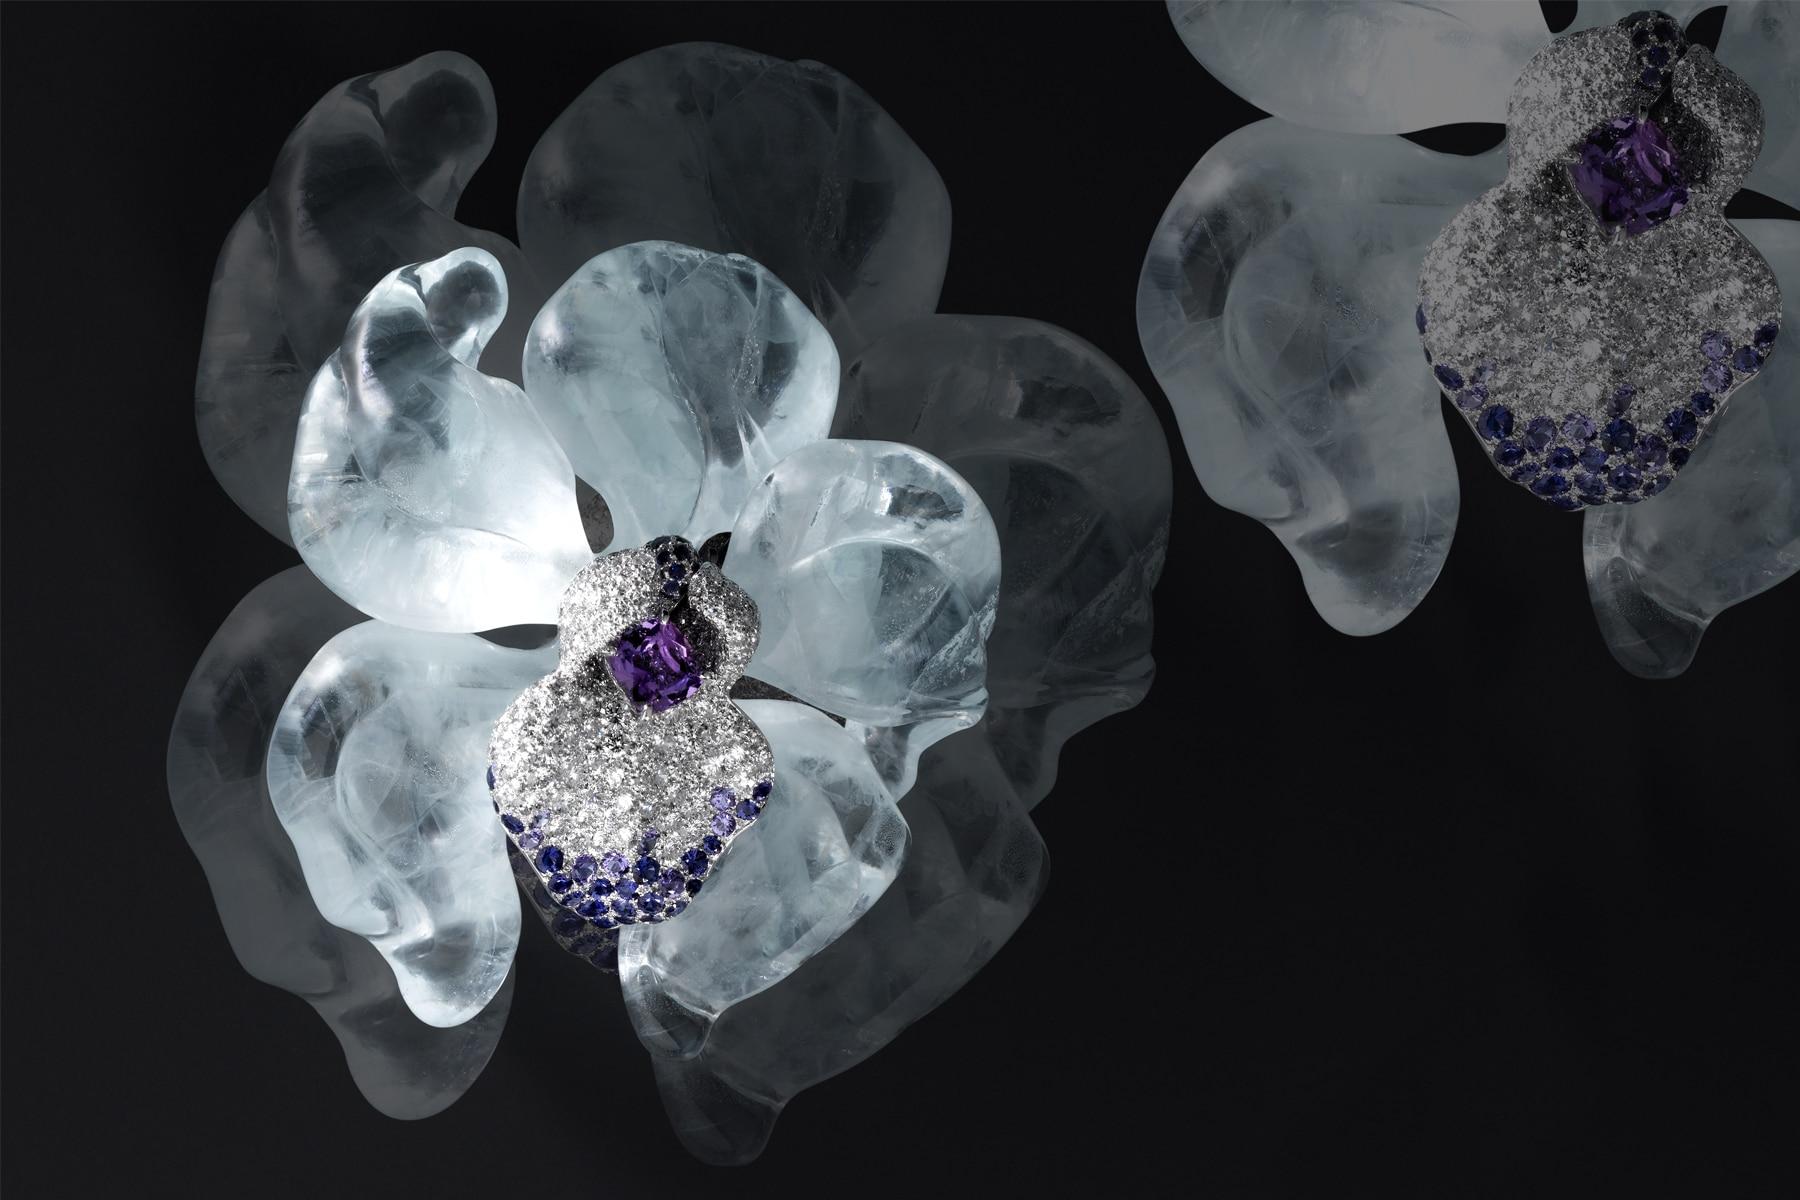 Photographe d'ambiance nature morte - composition haute joaillerie - Digital Chic - © Crédit Photo Katel Riou pour Cartier - Tous droits réservés